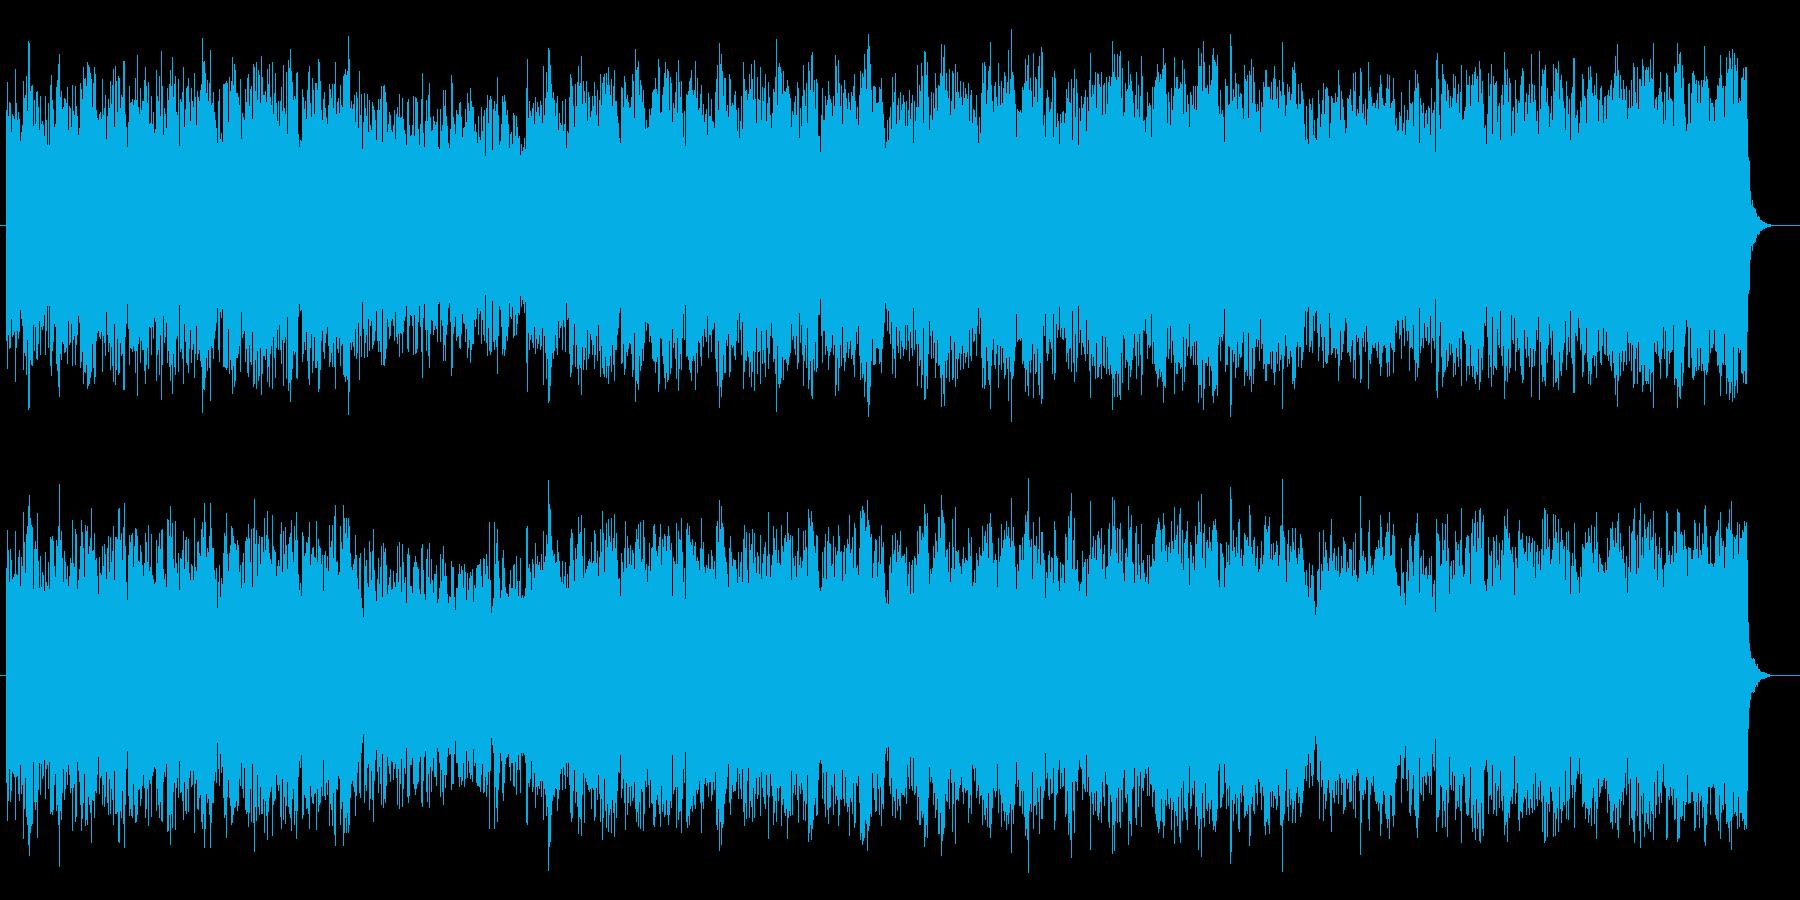 明るく前向きなオーケストラのBGMの再生済みの波形